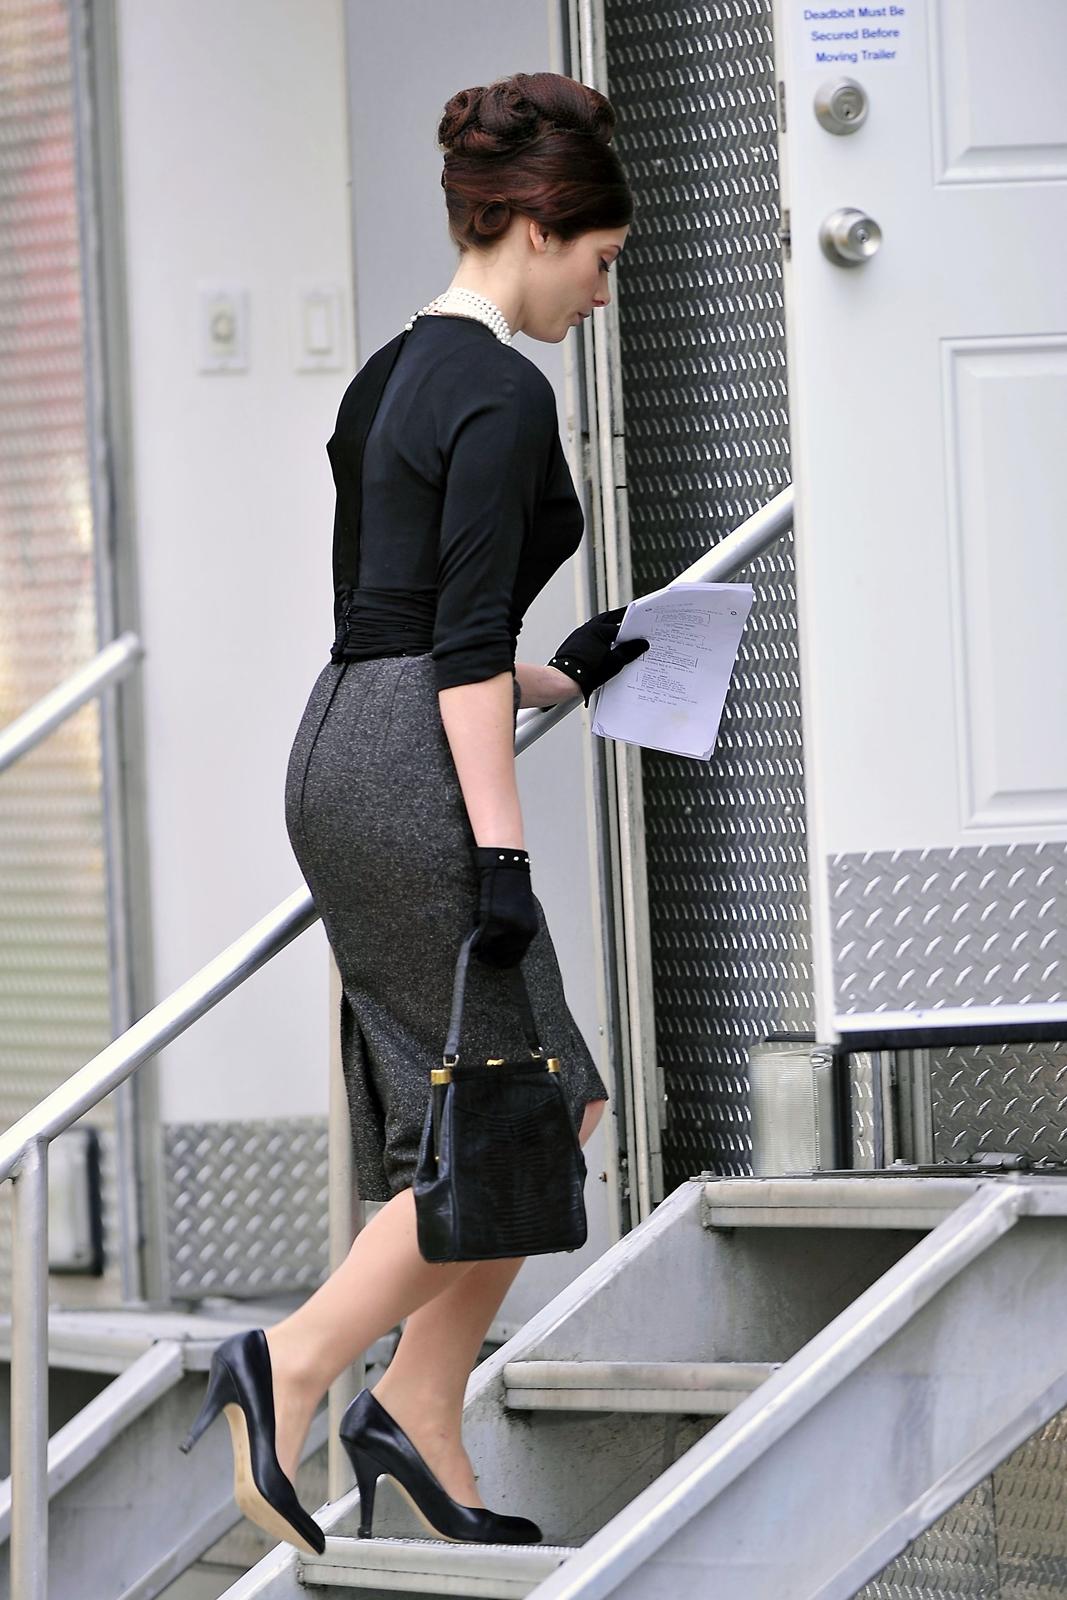 http://2.bp.blogspot.com/-A_RRcLMZbbM/T93r4Z49eDI/AAAAAAAAScw/qVvX6D86cVg/s1600/sploogeblog_ashley_greene_tightskirt_pantyhose_gloves_panam_candids_02.jpg